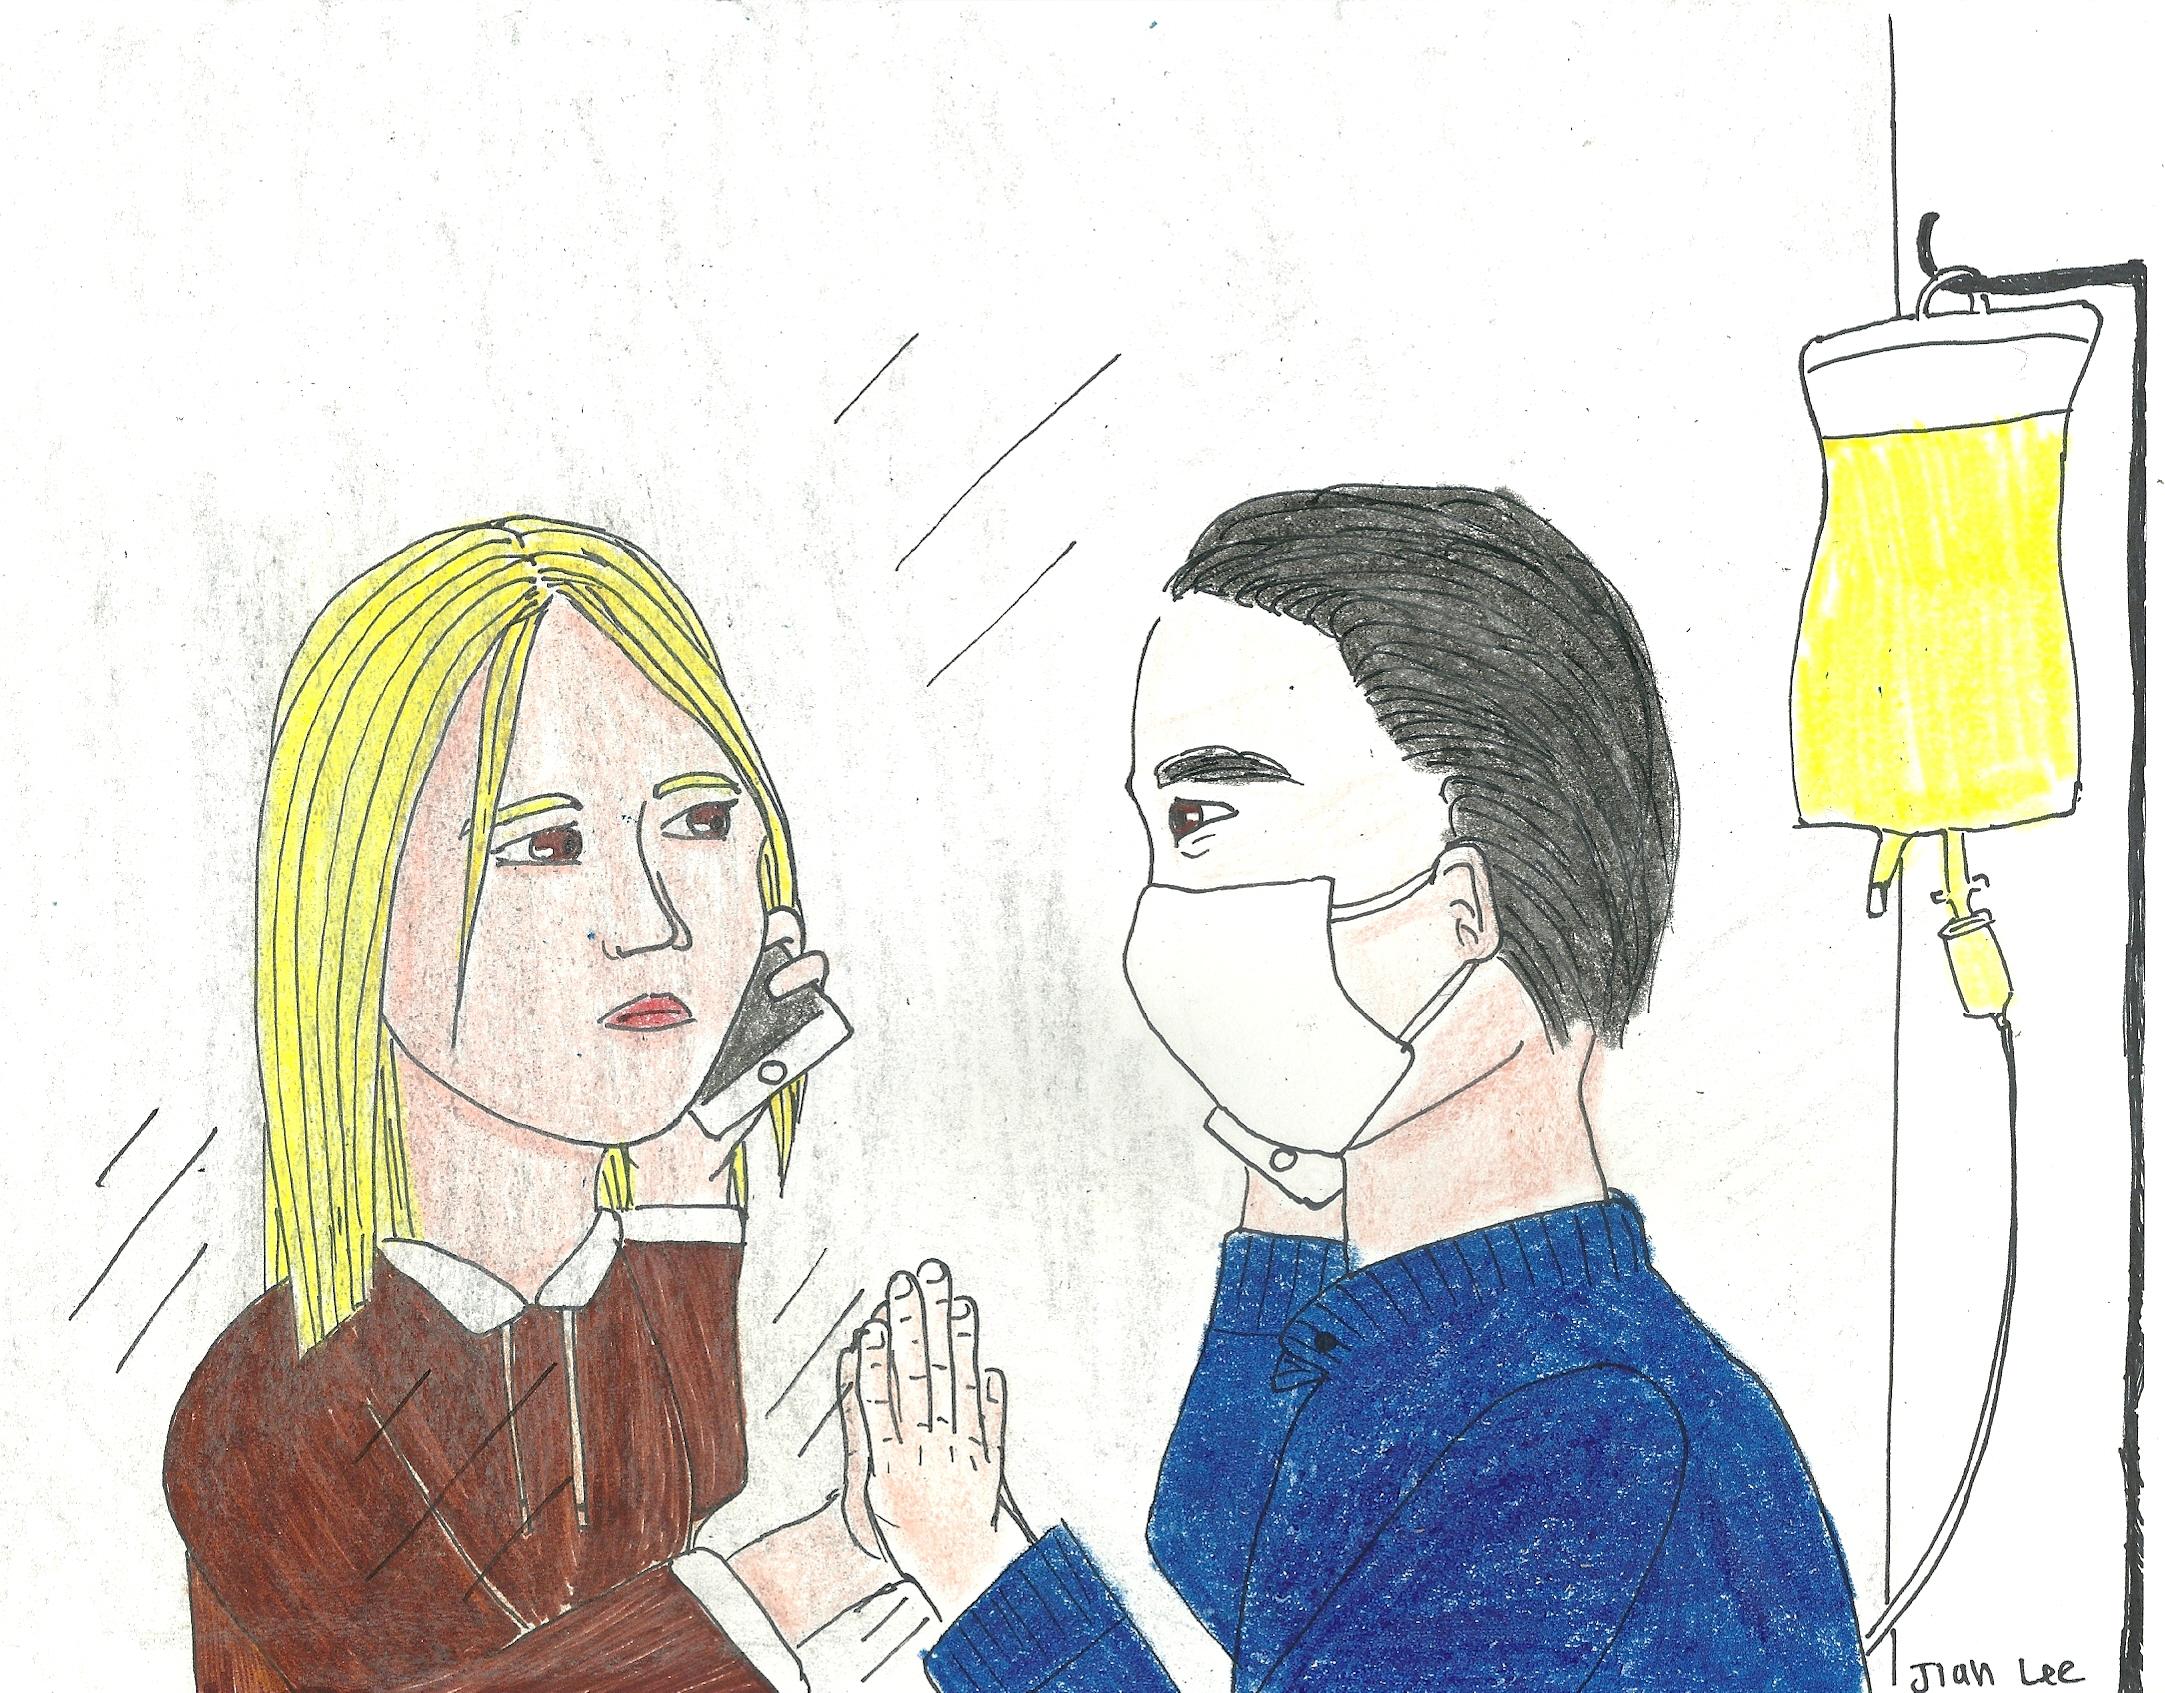 Perspectives on the Coronavirus